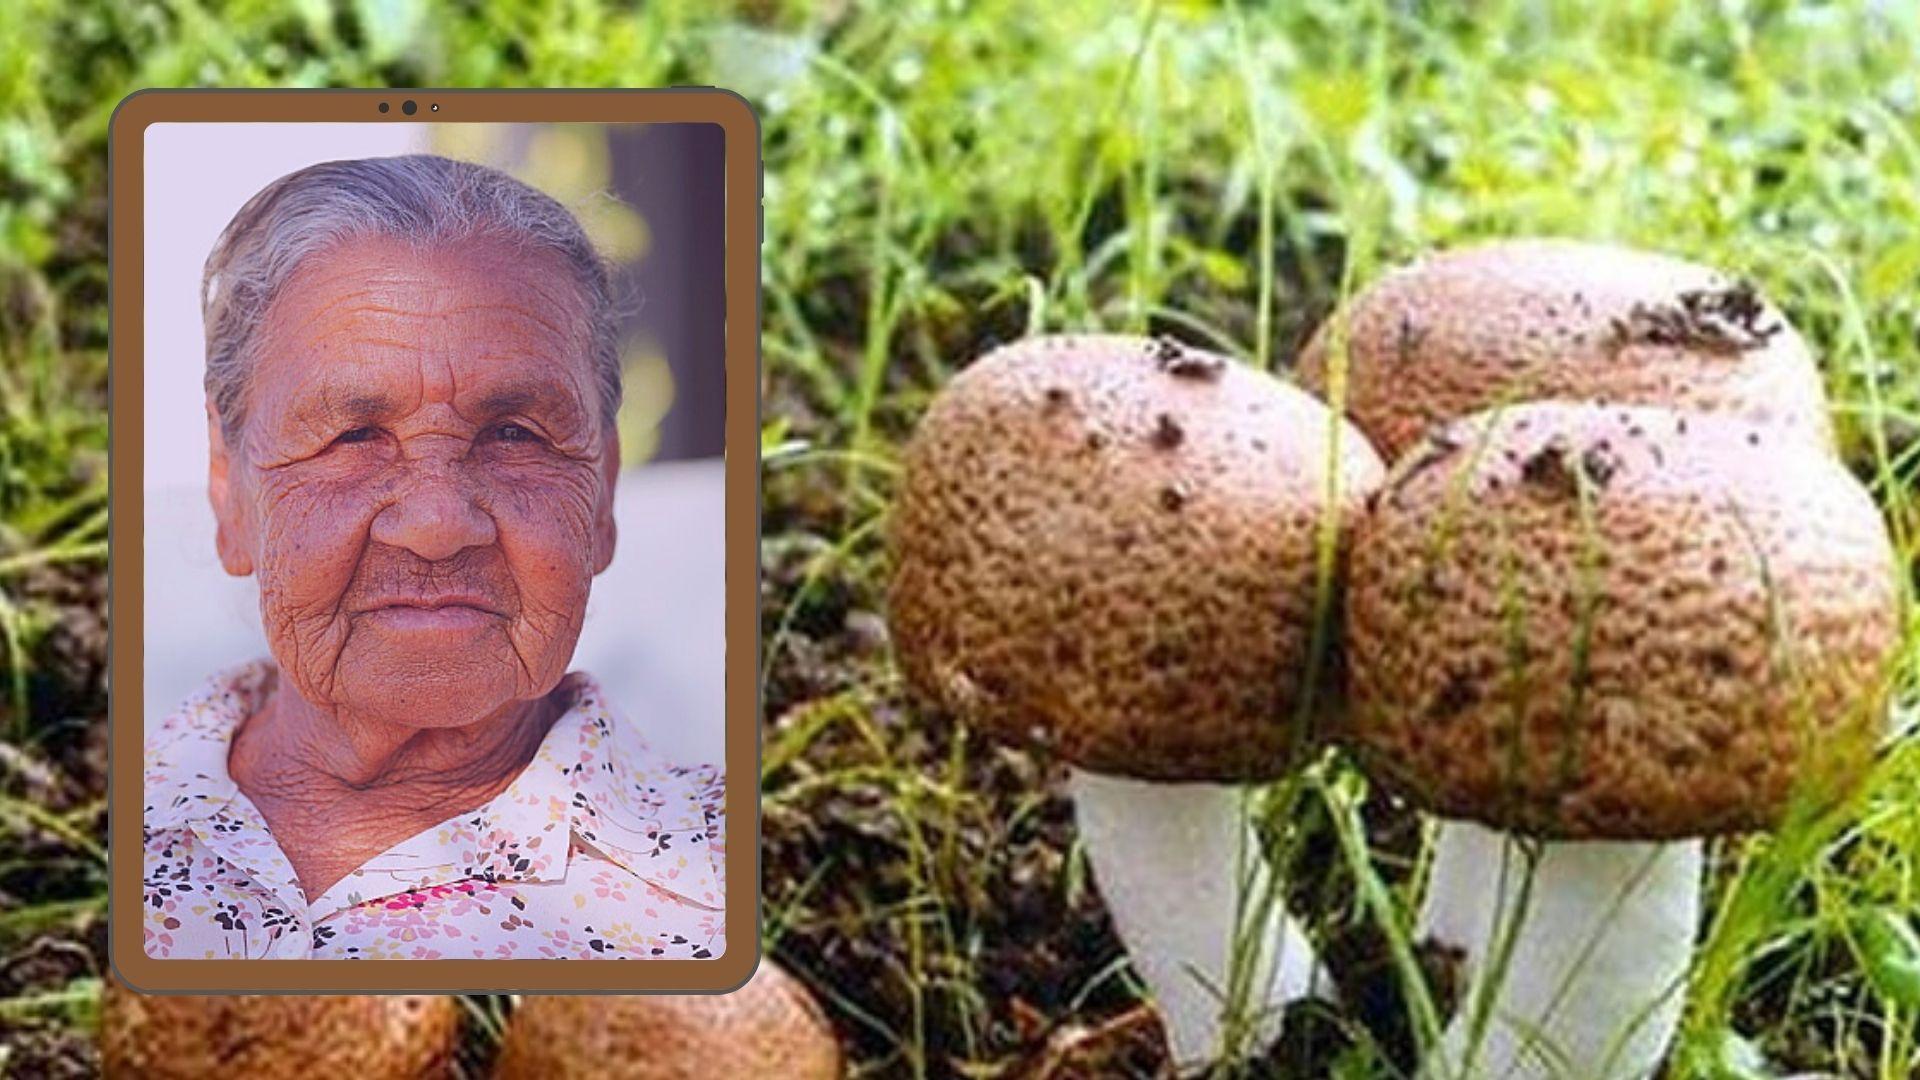 agarikus medicinska gljiva protiv starenja